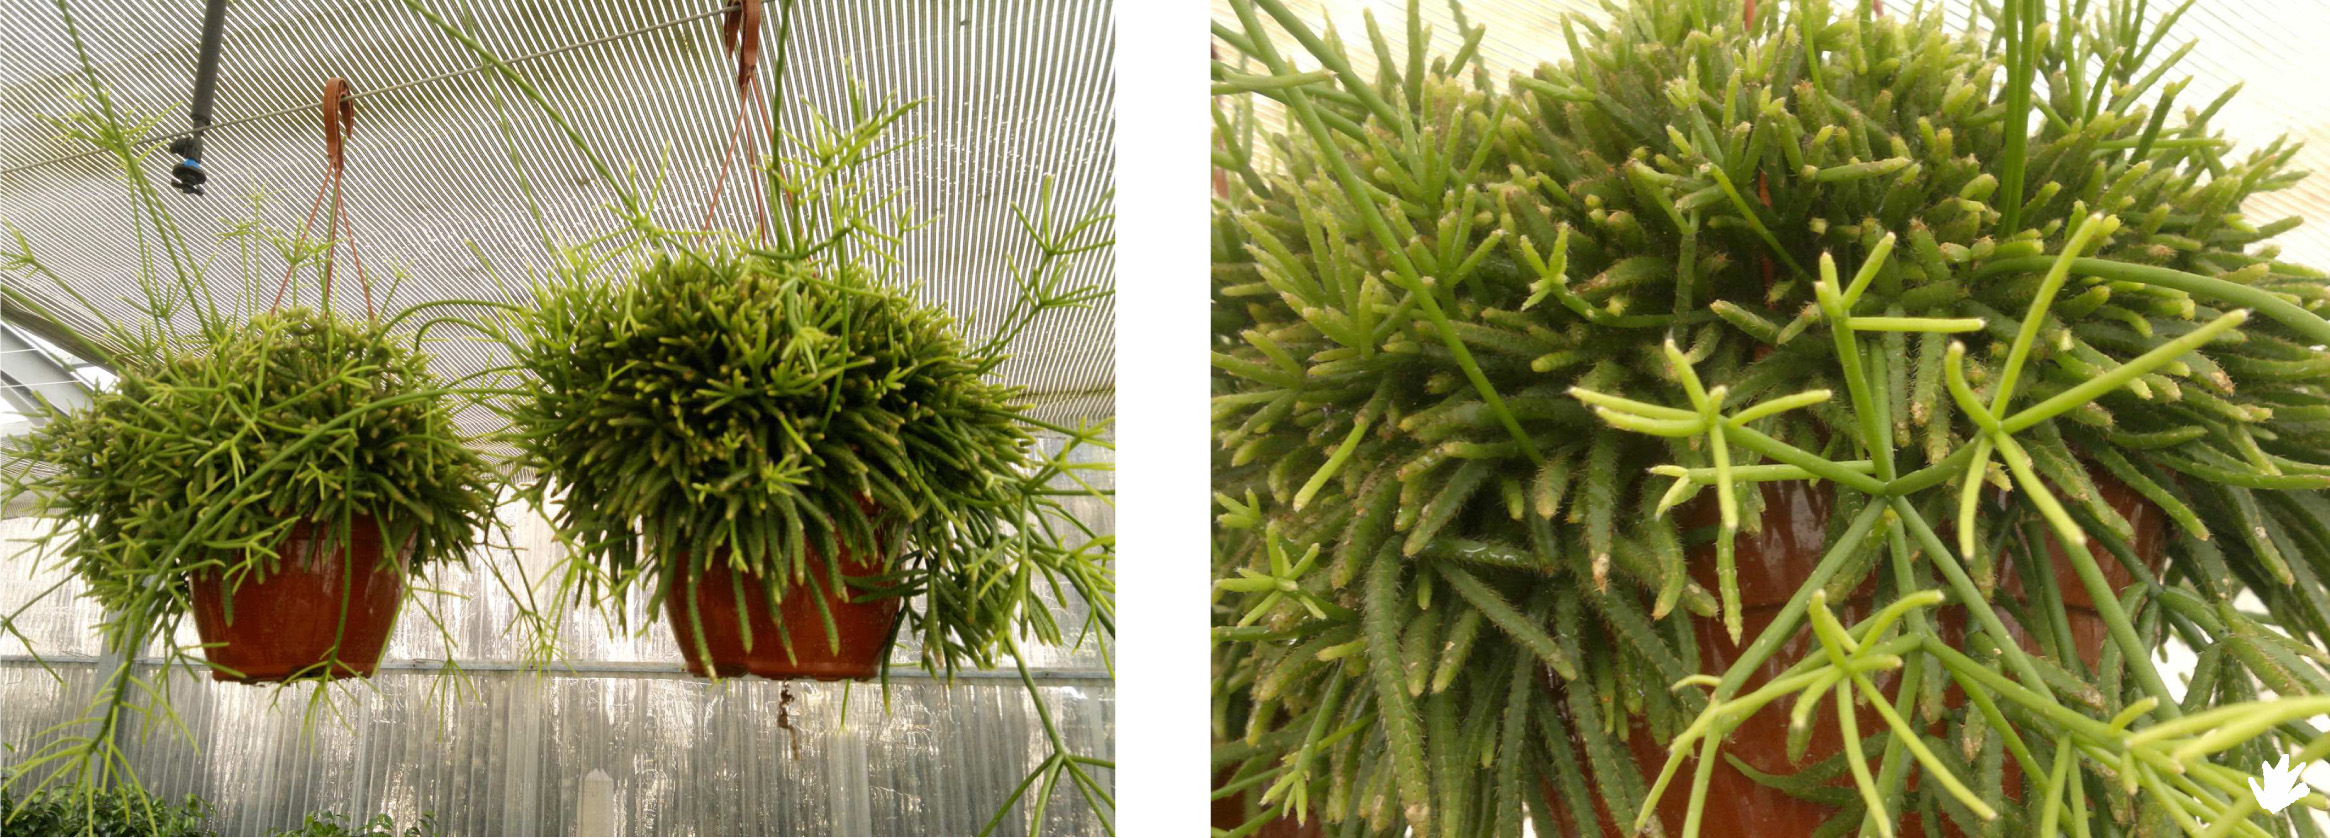 Plantas ep fitas para los jardines verticales paivert for Plantas utilizadas en jardines verticales